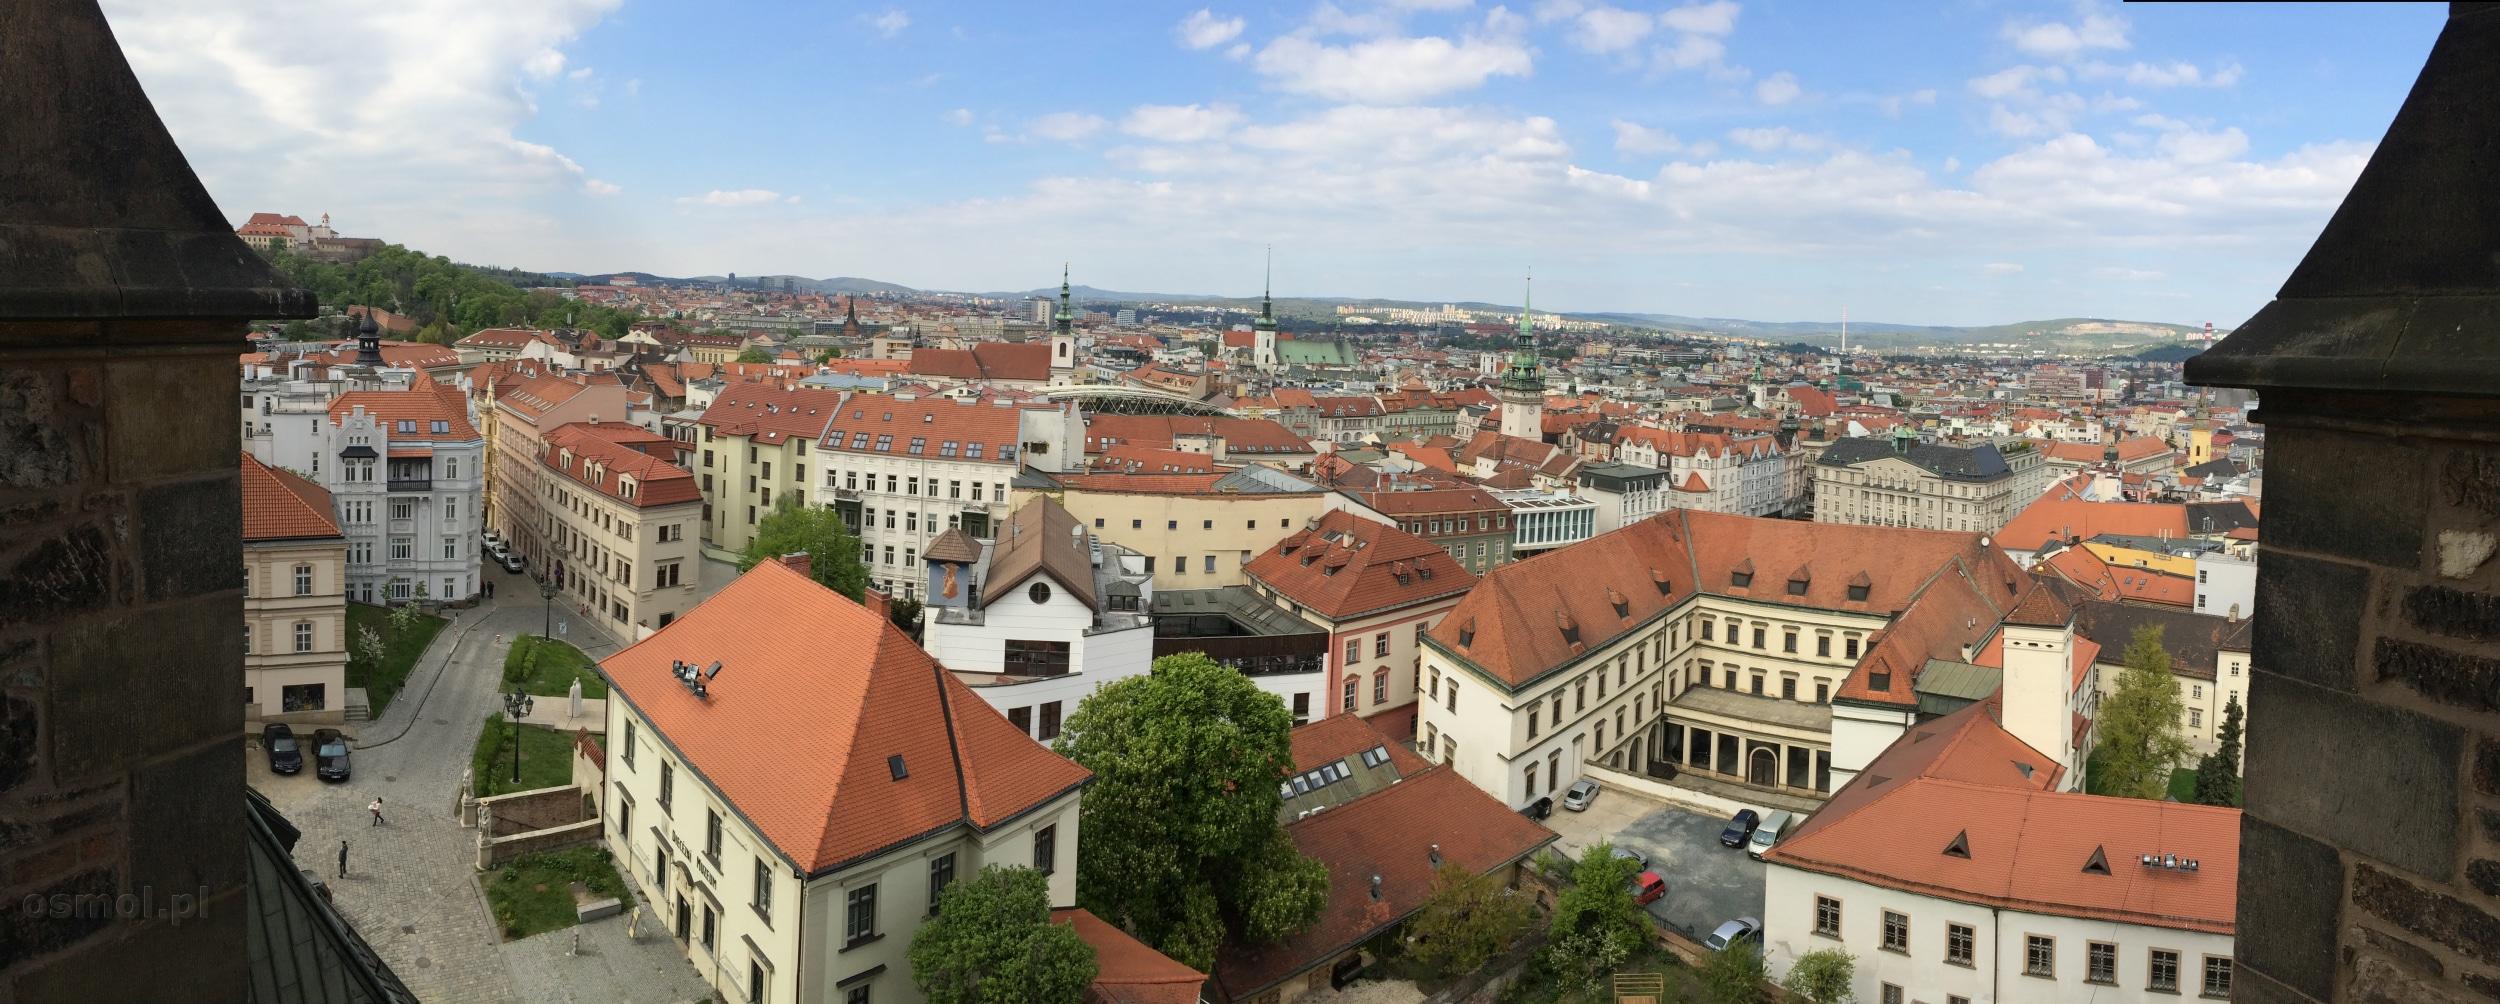 Panorama Brna widziana z kościoła św. Piotra i Pawła